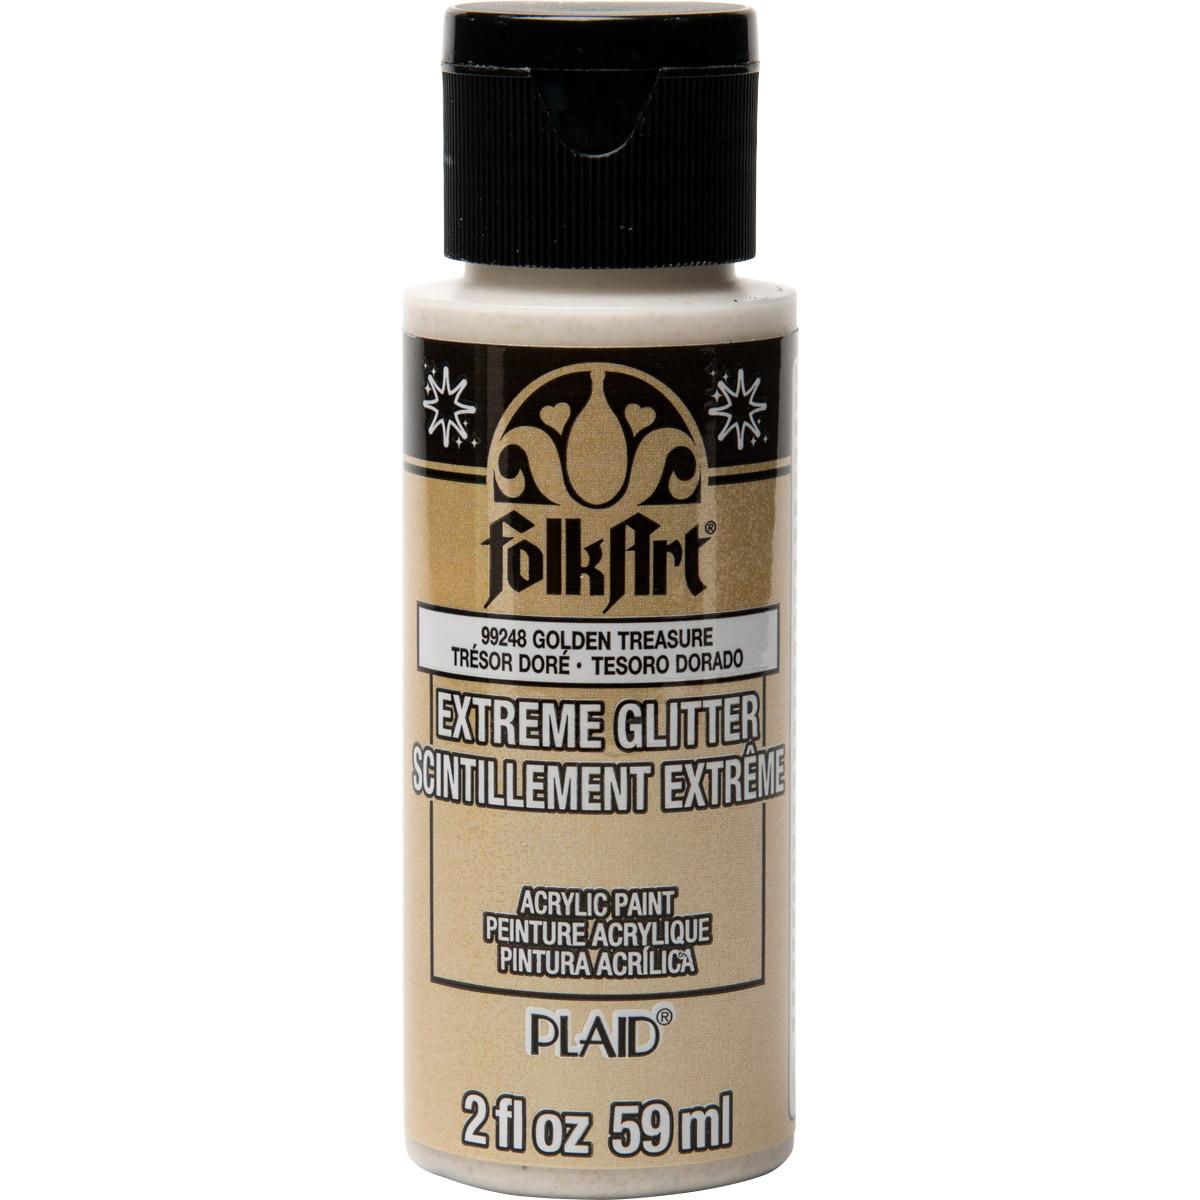 FolkArt ® Extreme Glitter™ - Golden Treasure, 2 oz.